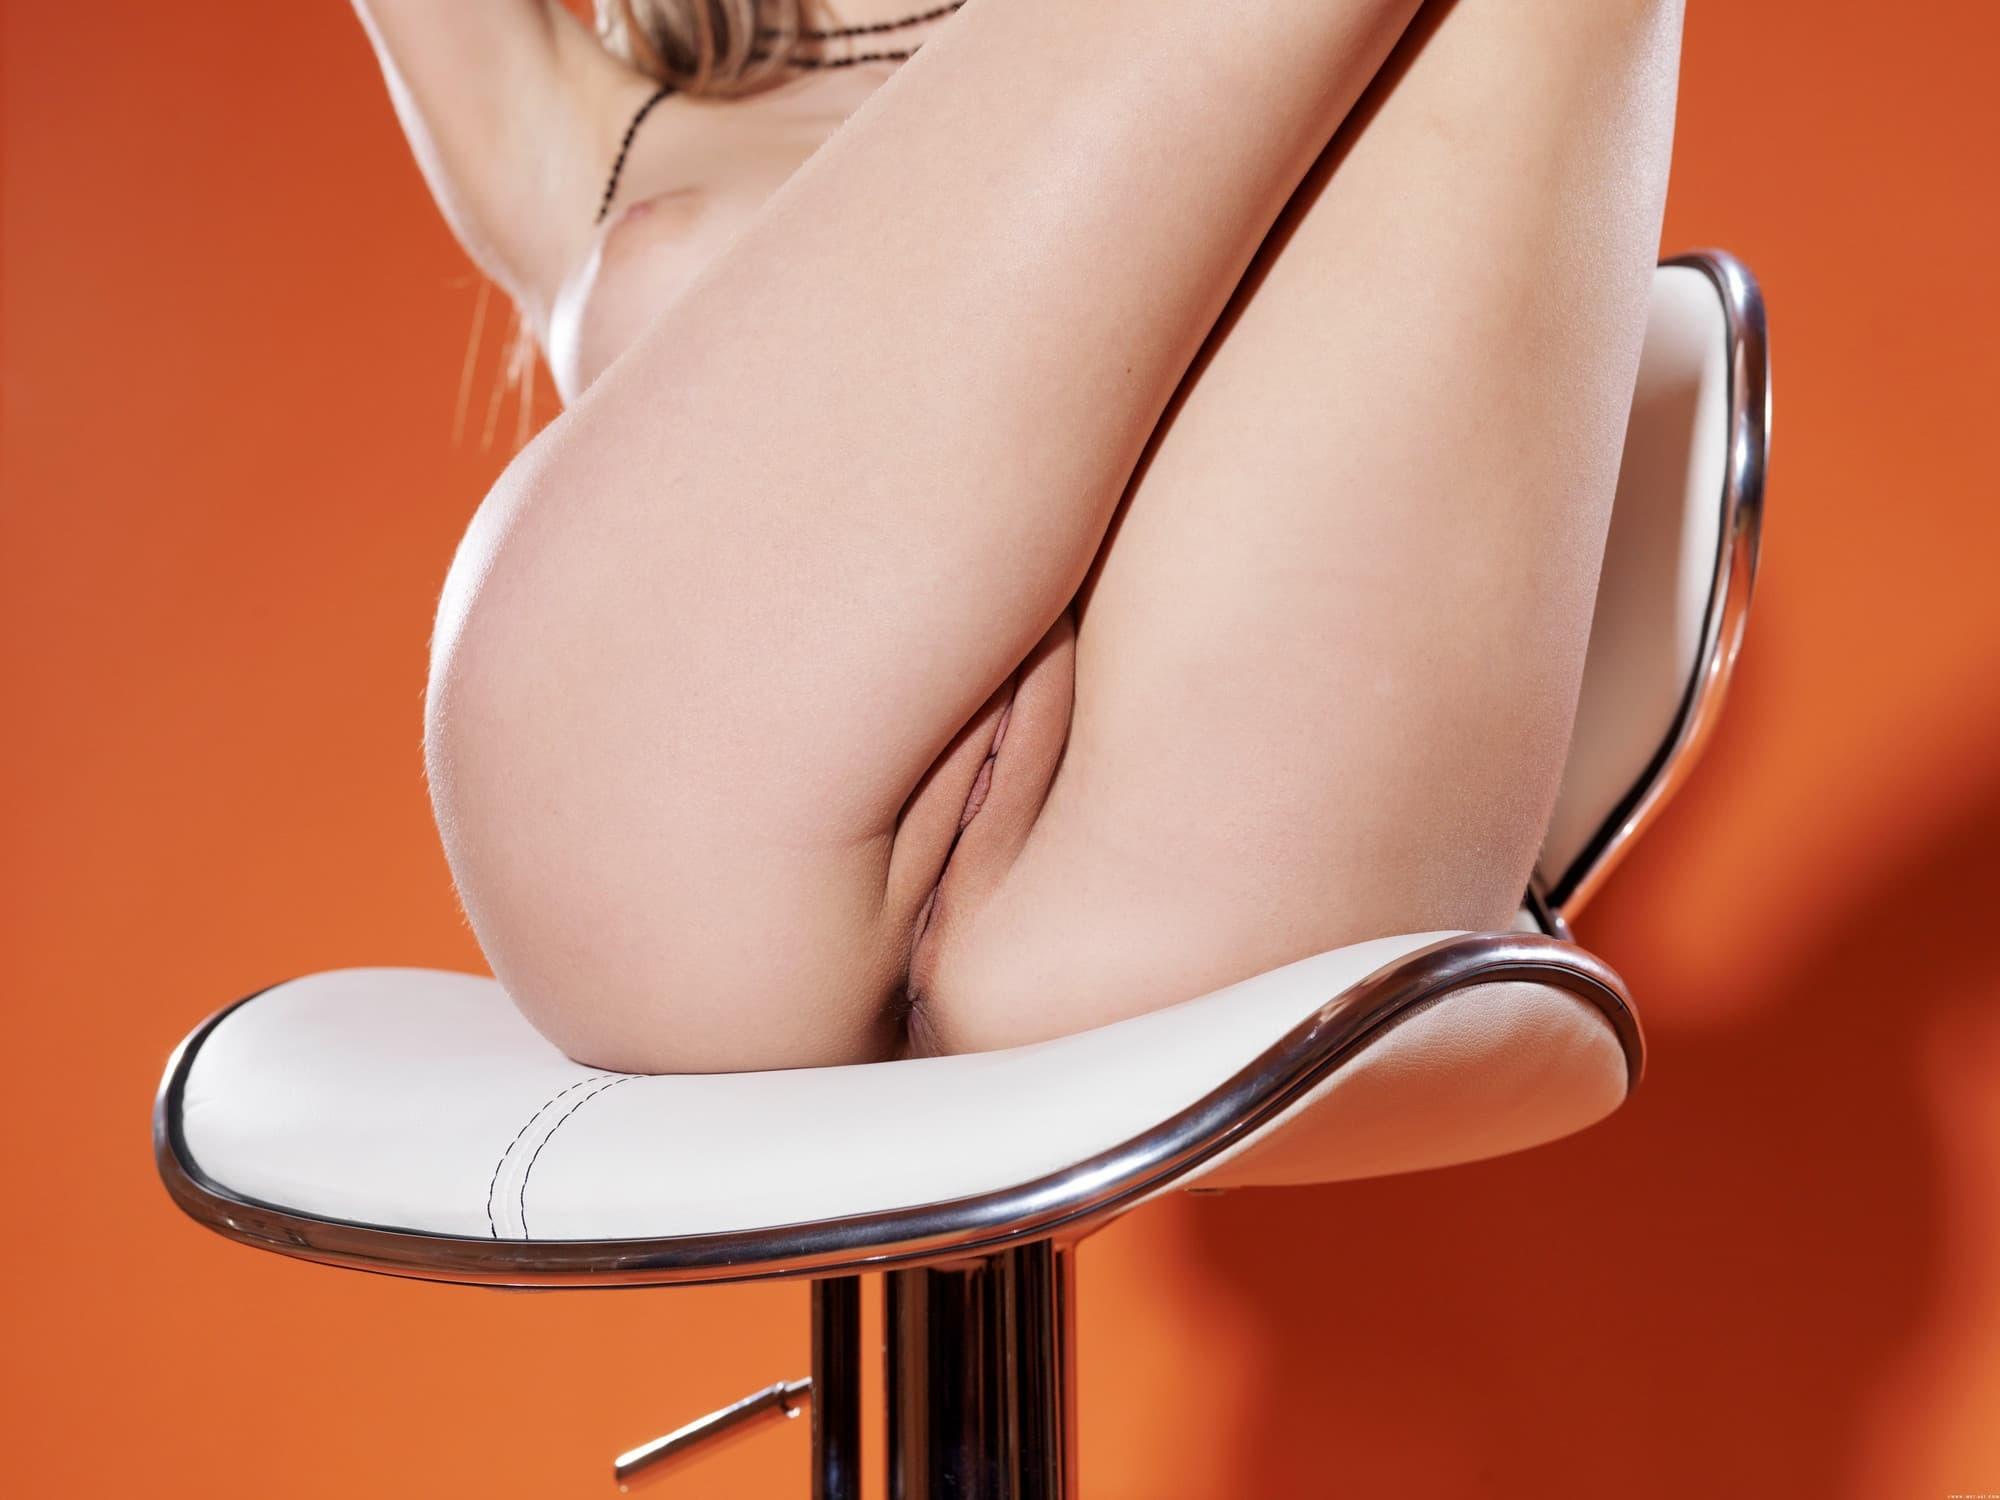 Обнаженная модель раздвинув ноги трогает сиськи - фото